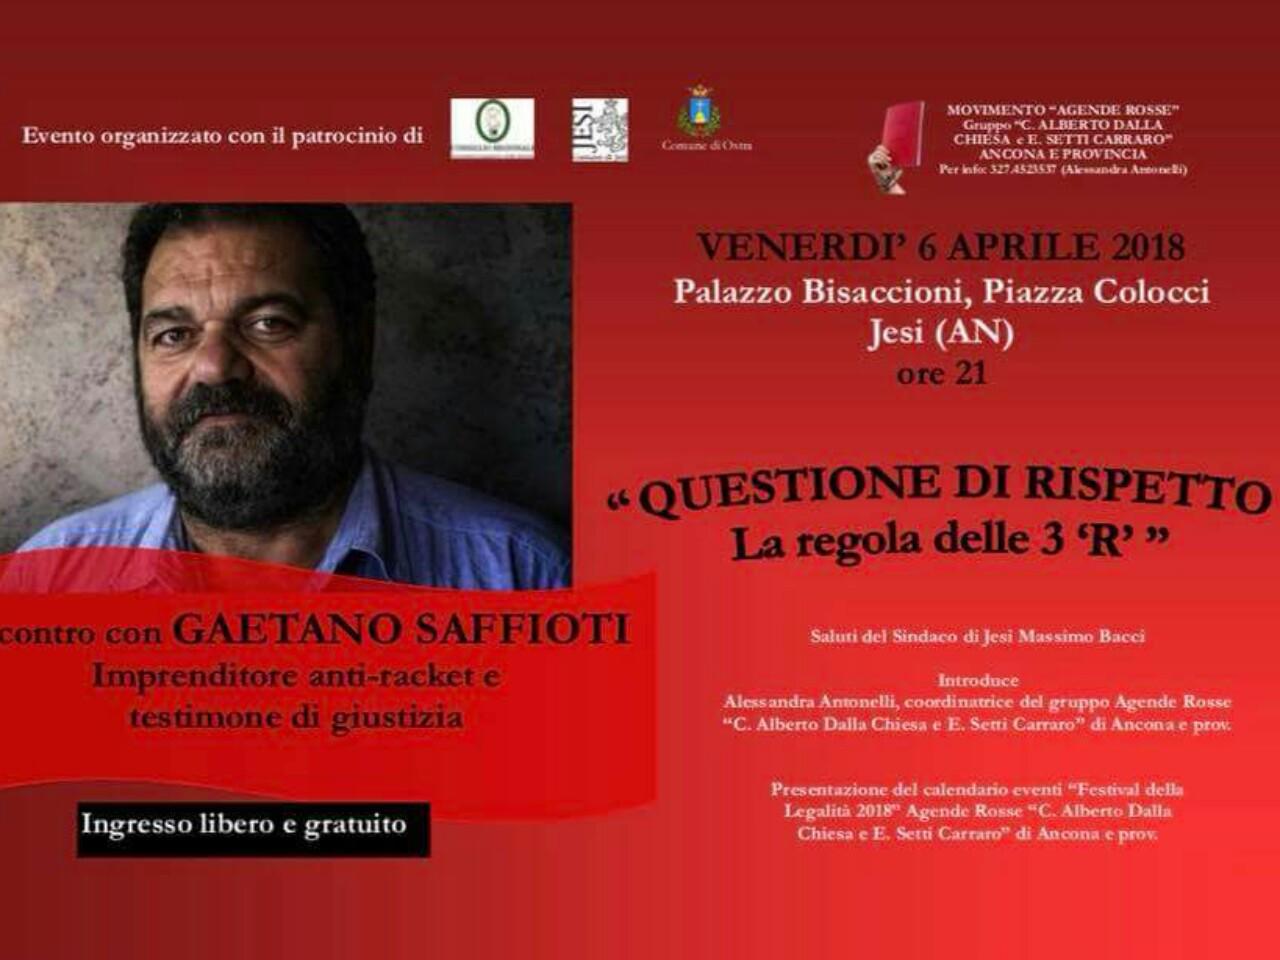 Gaetano saffiotti agende rosse anti racket